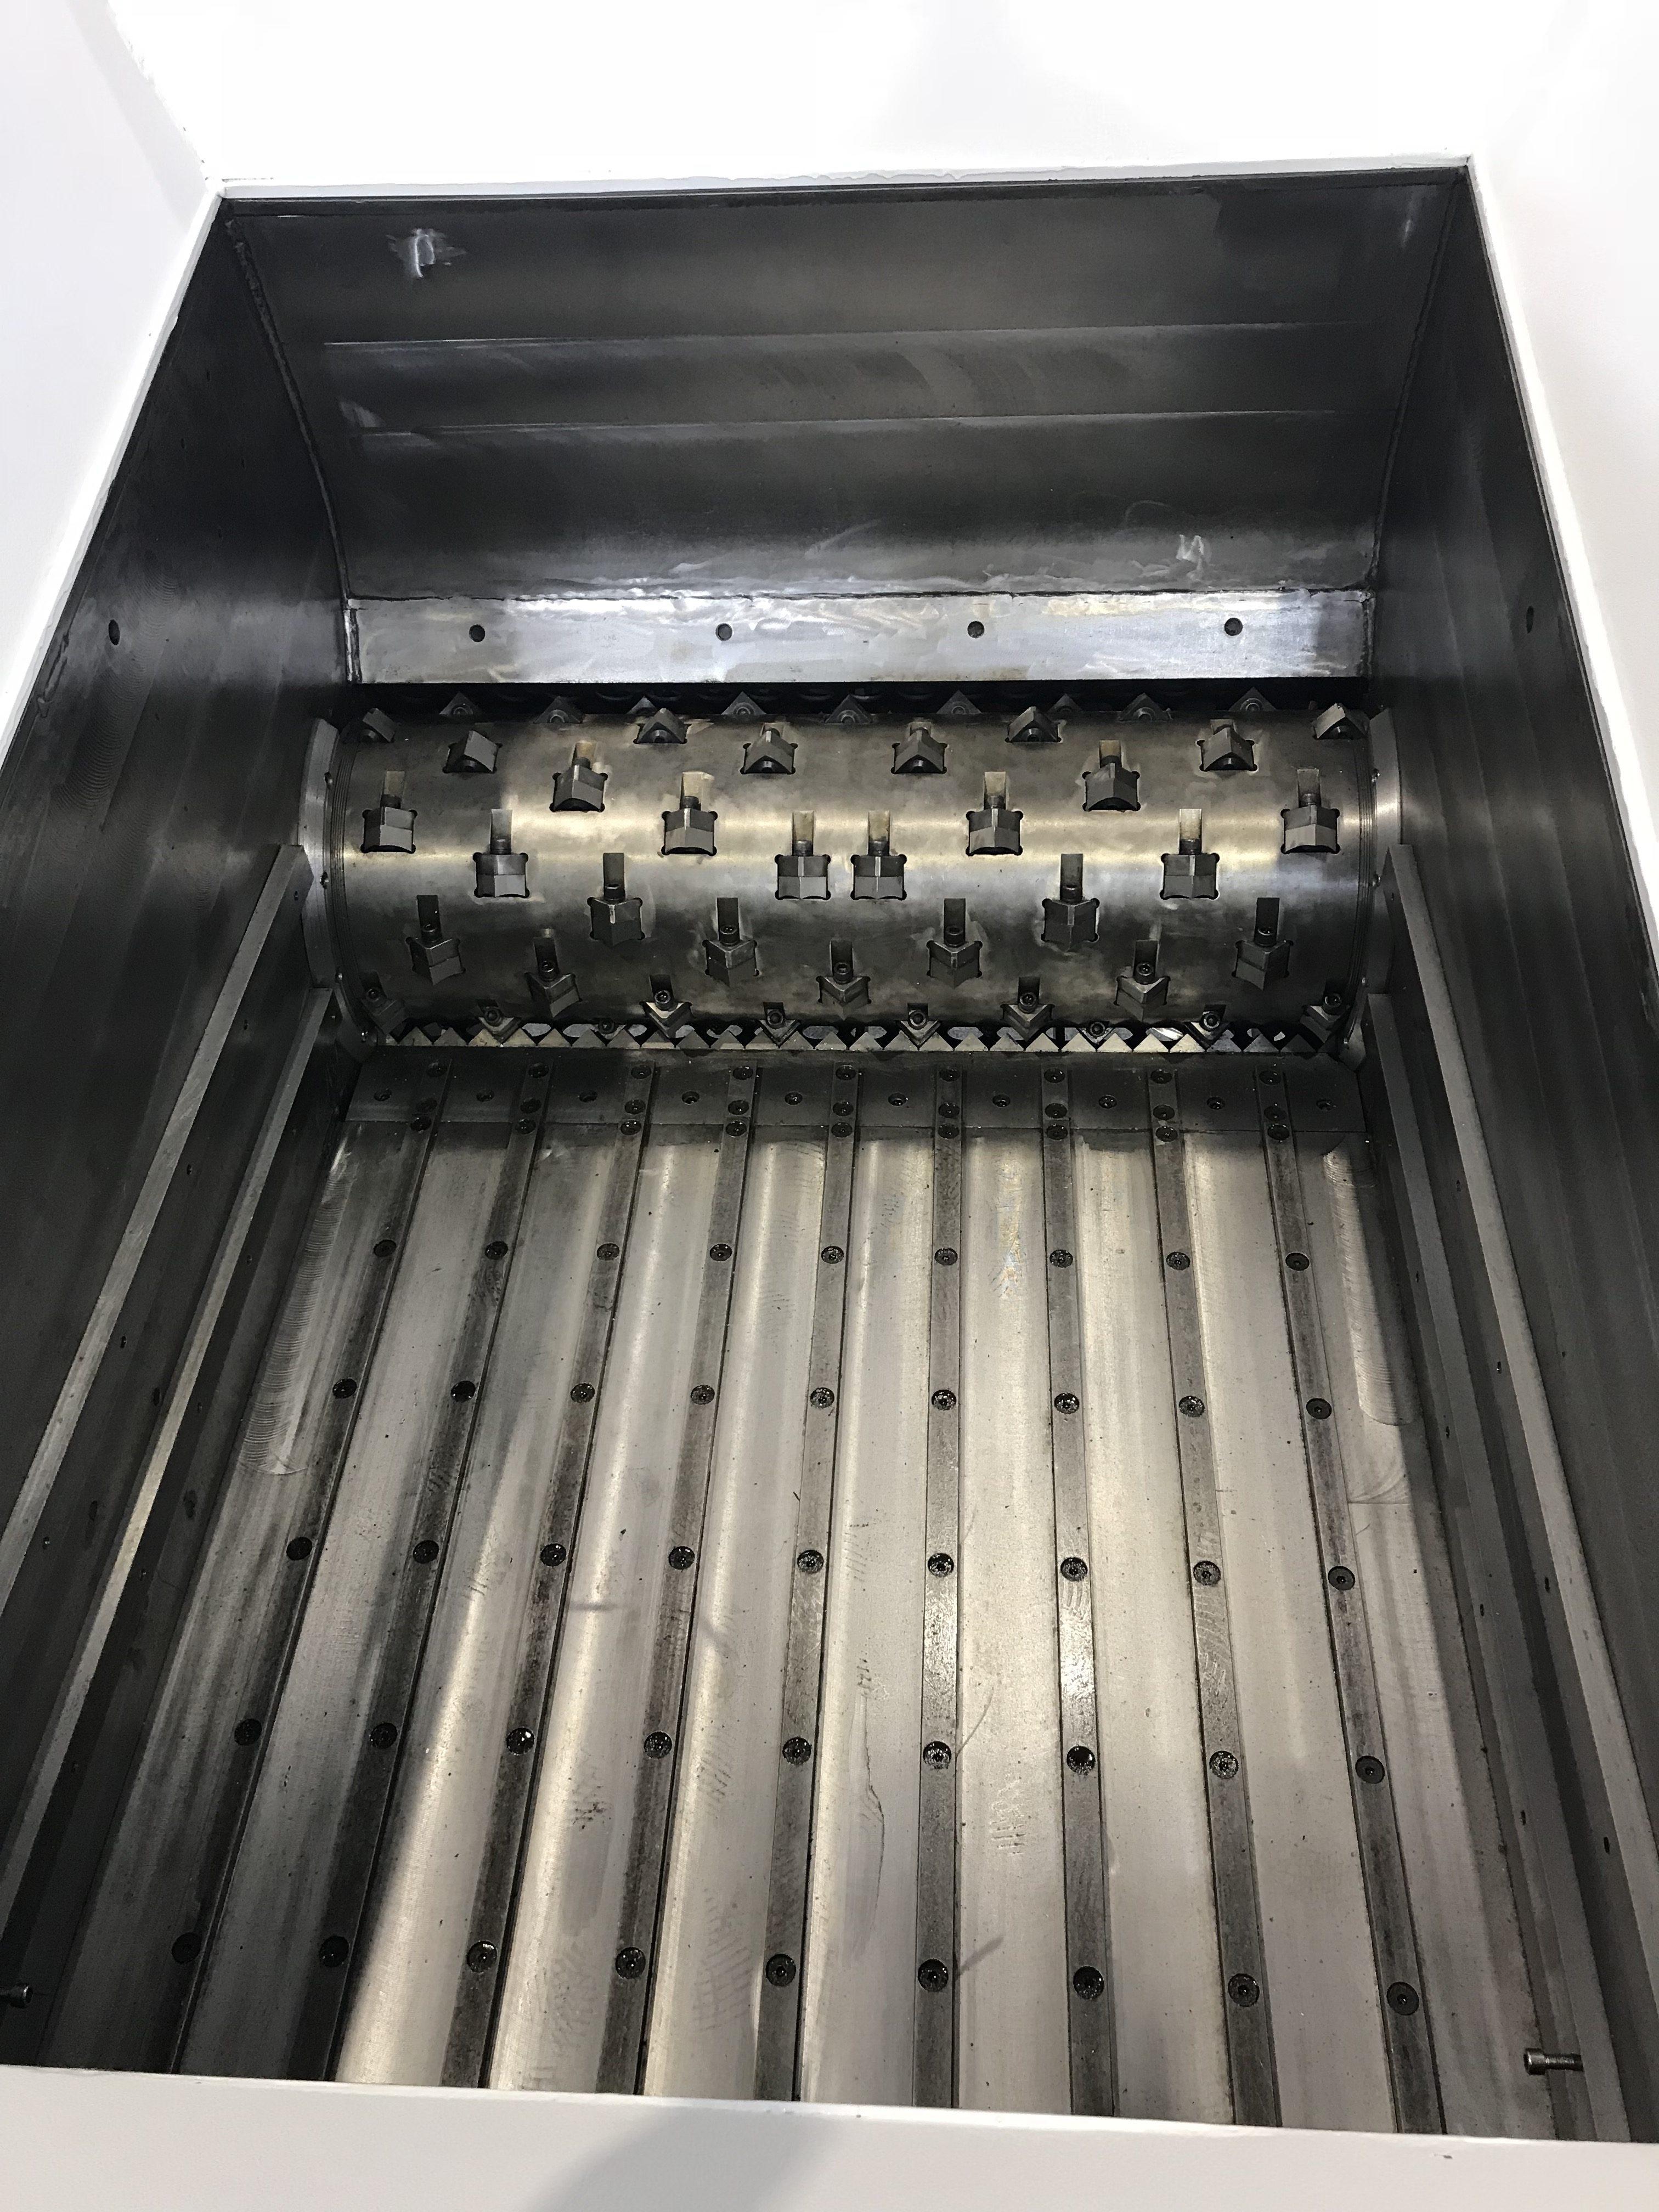 Inside of a Single Shaft Shredder